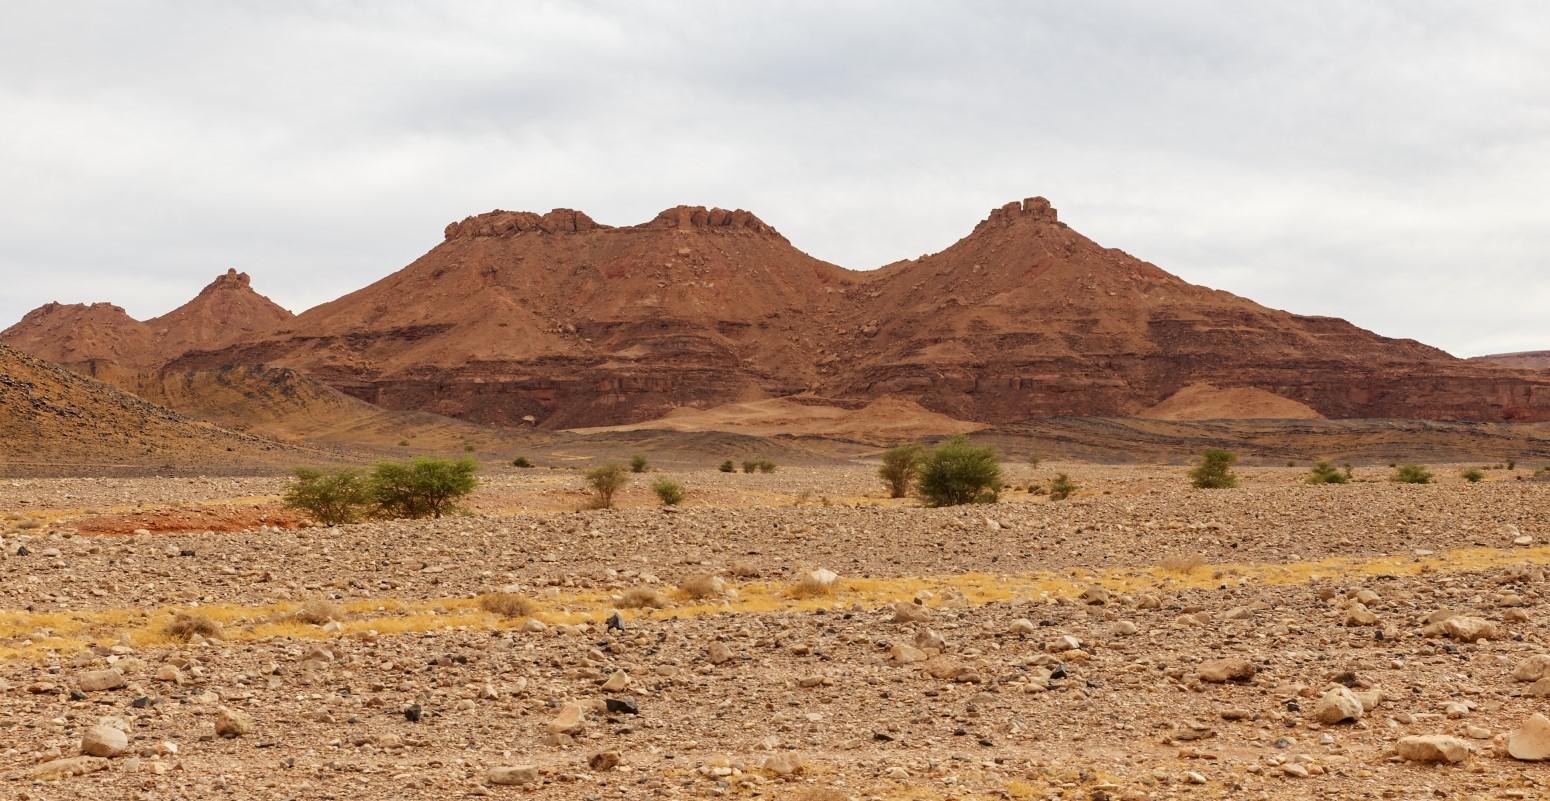 vacaciones monoparentales 2017 marruecos reyes magos